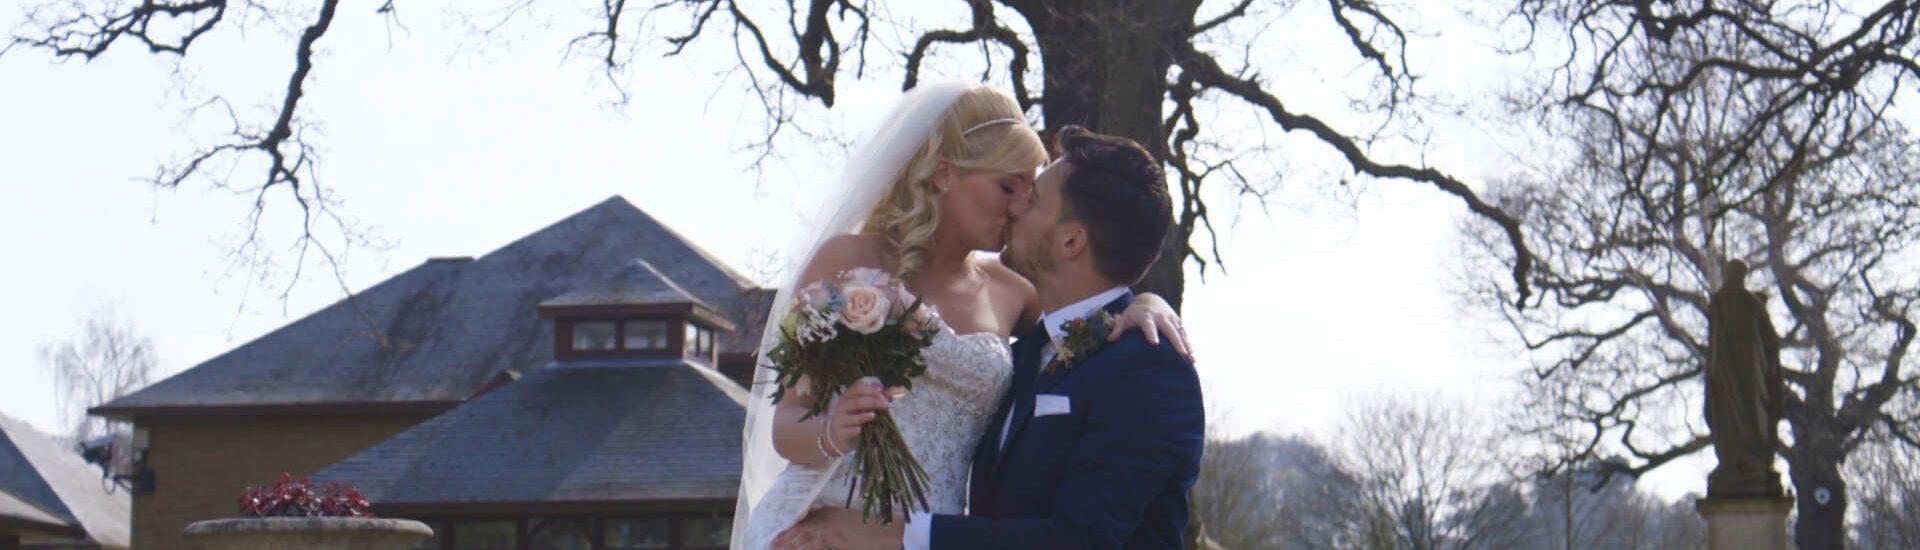 Highlights.00 24 17 03.Still006 1920x550 - Lee & Zoe's Wedding Trailer